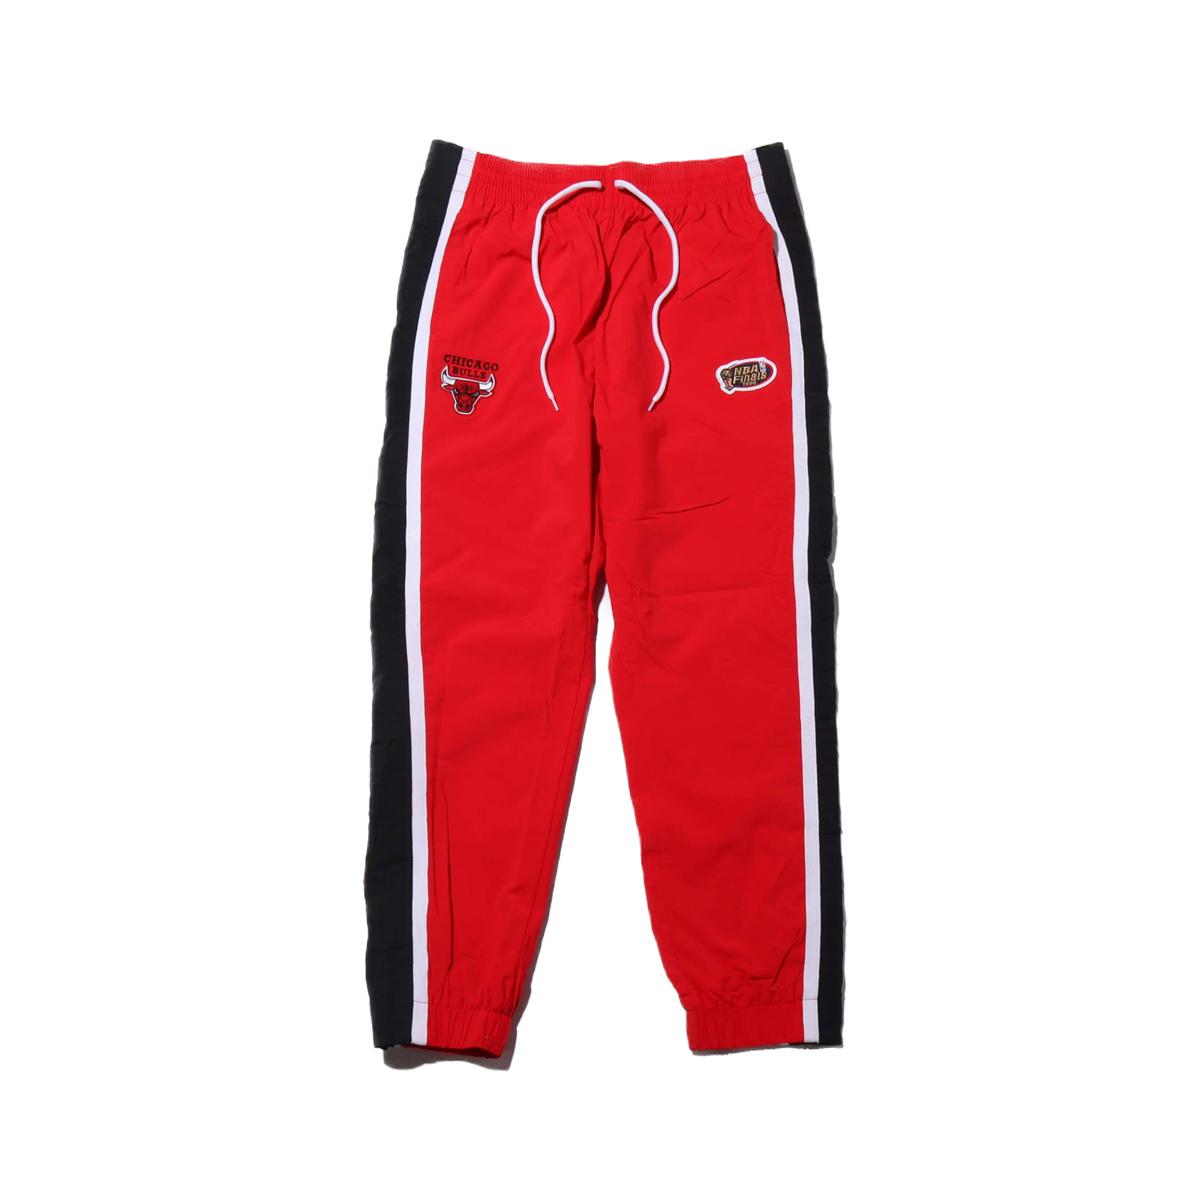 Mitchell & Ness LS TA Jogger Pants - Chicago Bulls(RED)(ミッチェルアンドネス ジョガーパンツ シカゴブルズ)【メンズ】【ロングパンツ】【19FW-I】